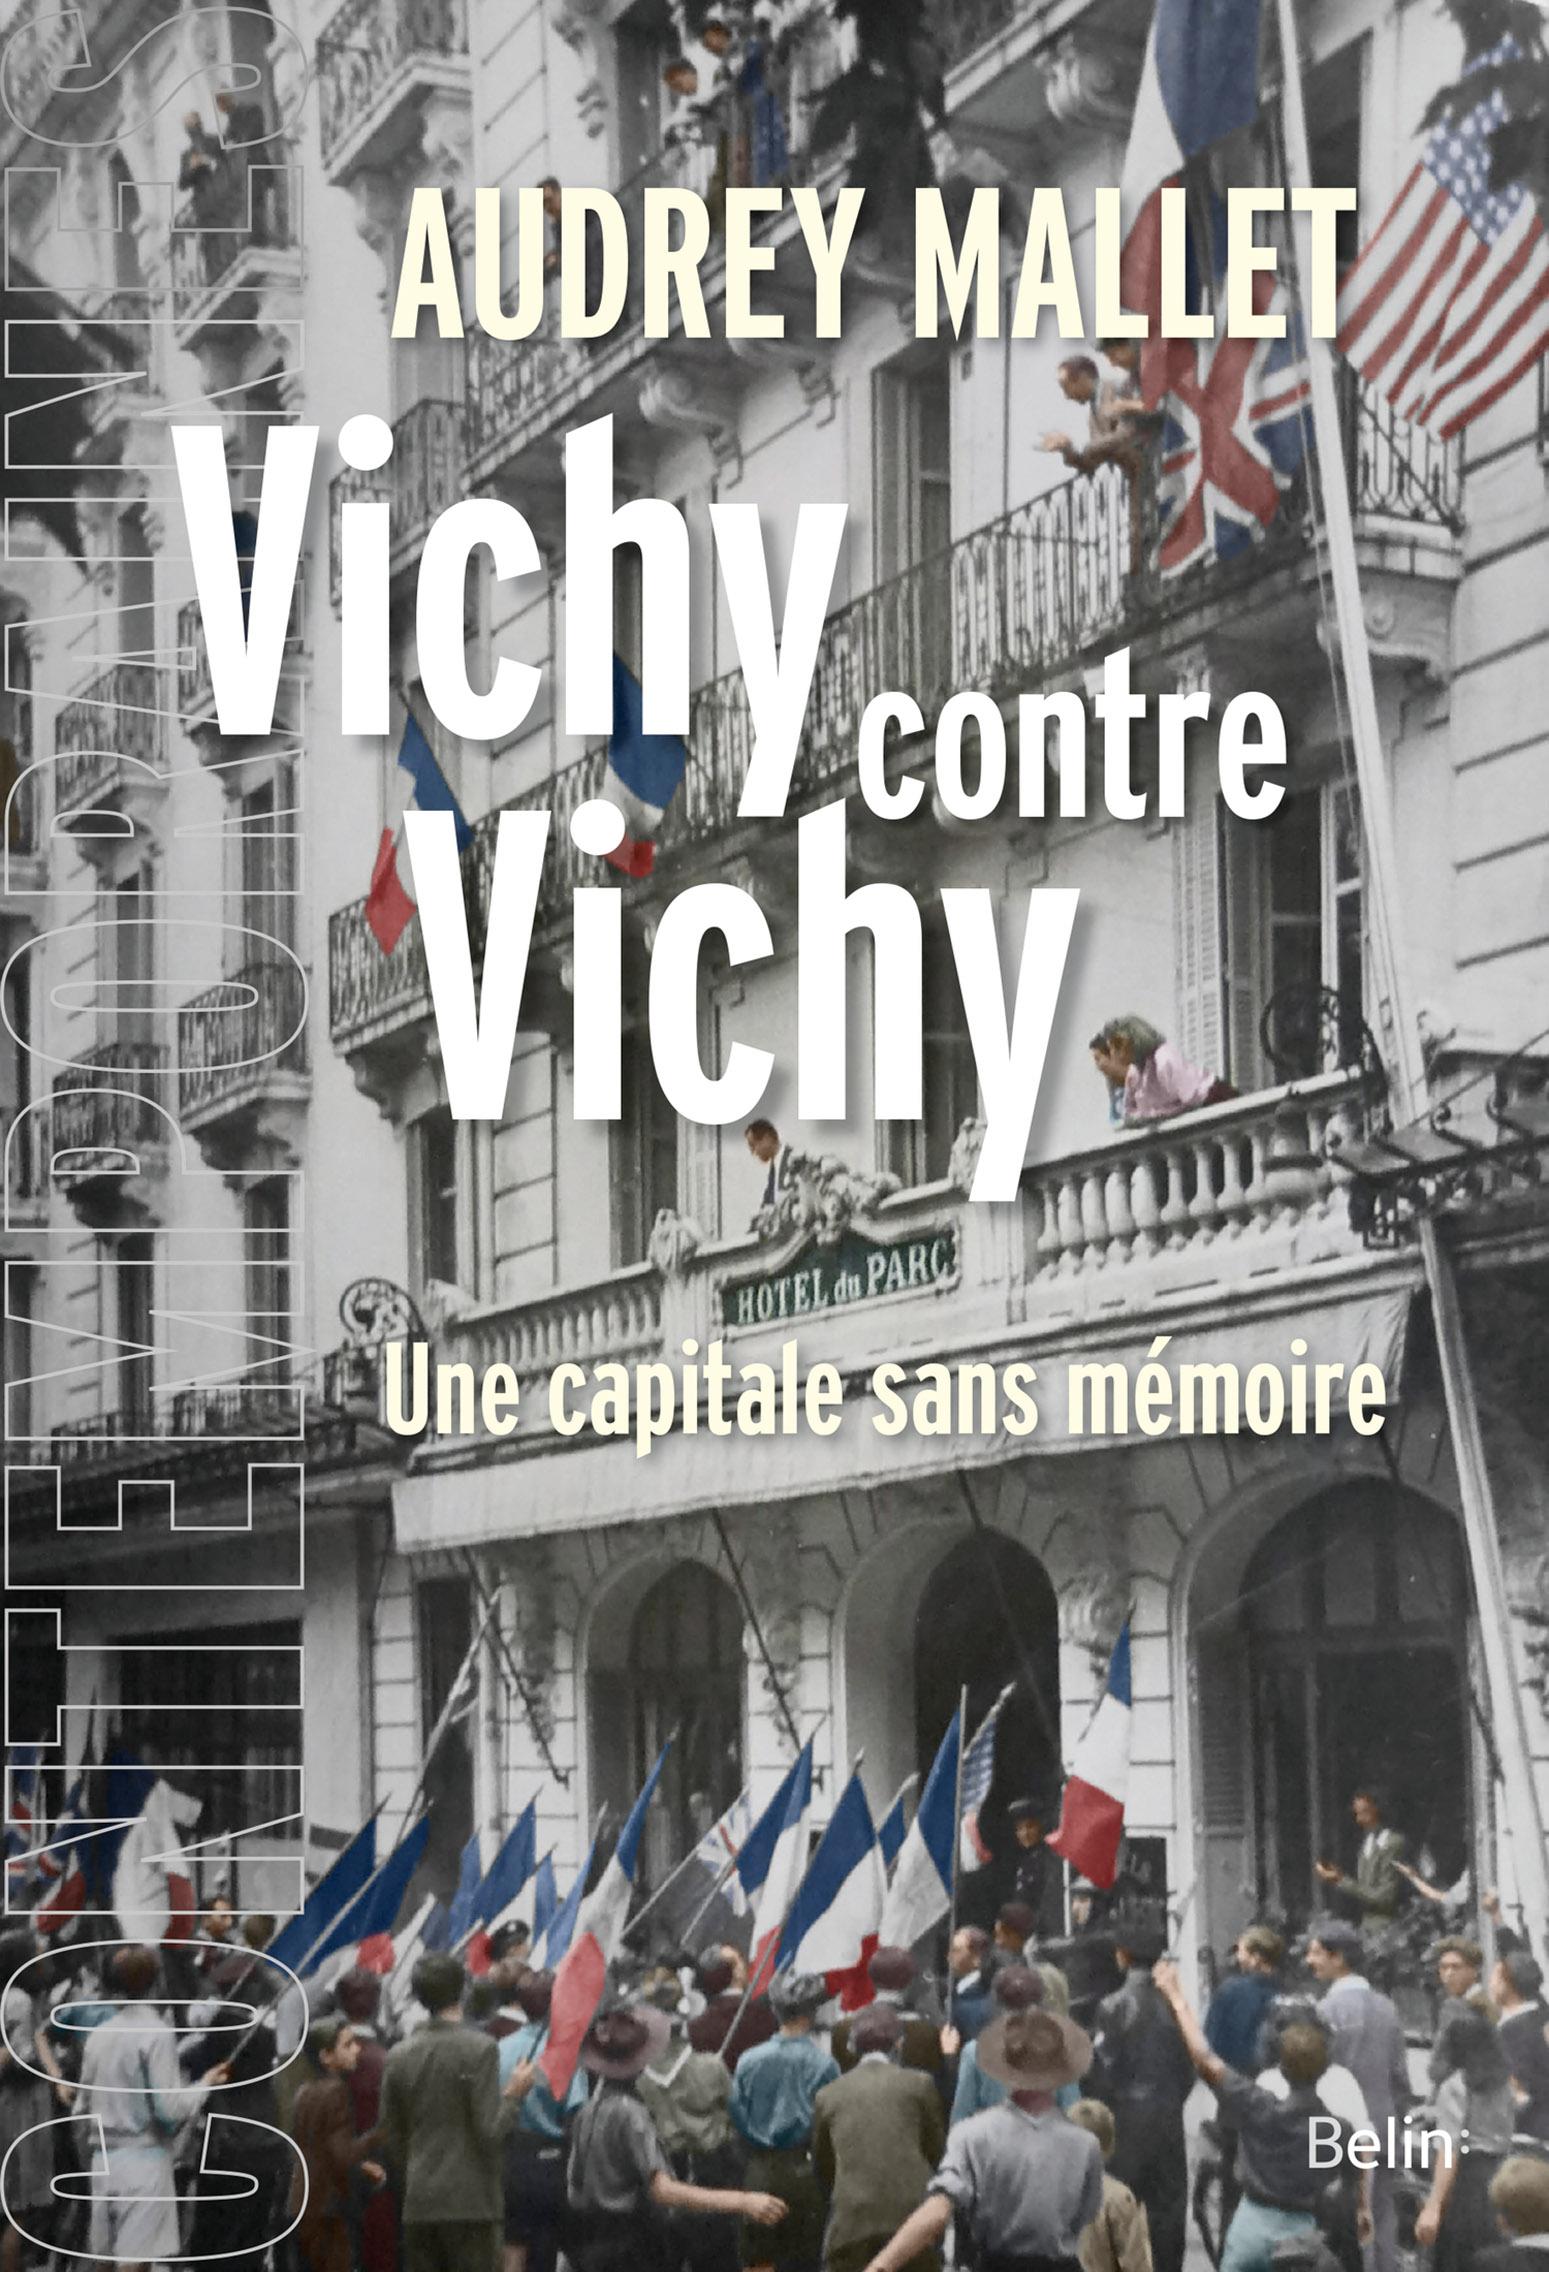 Vichy contre Vichy